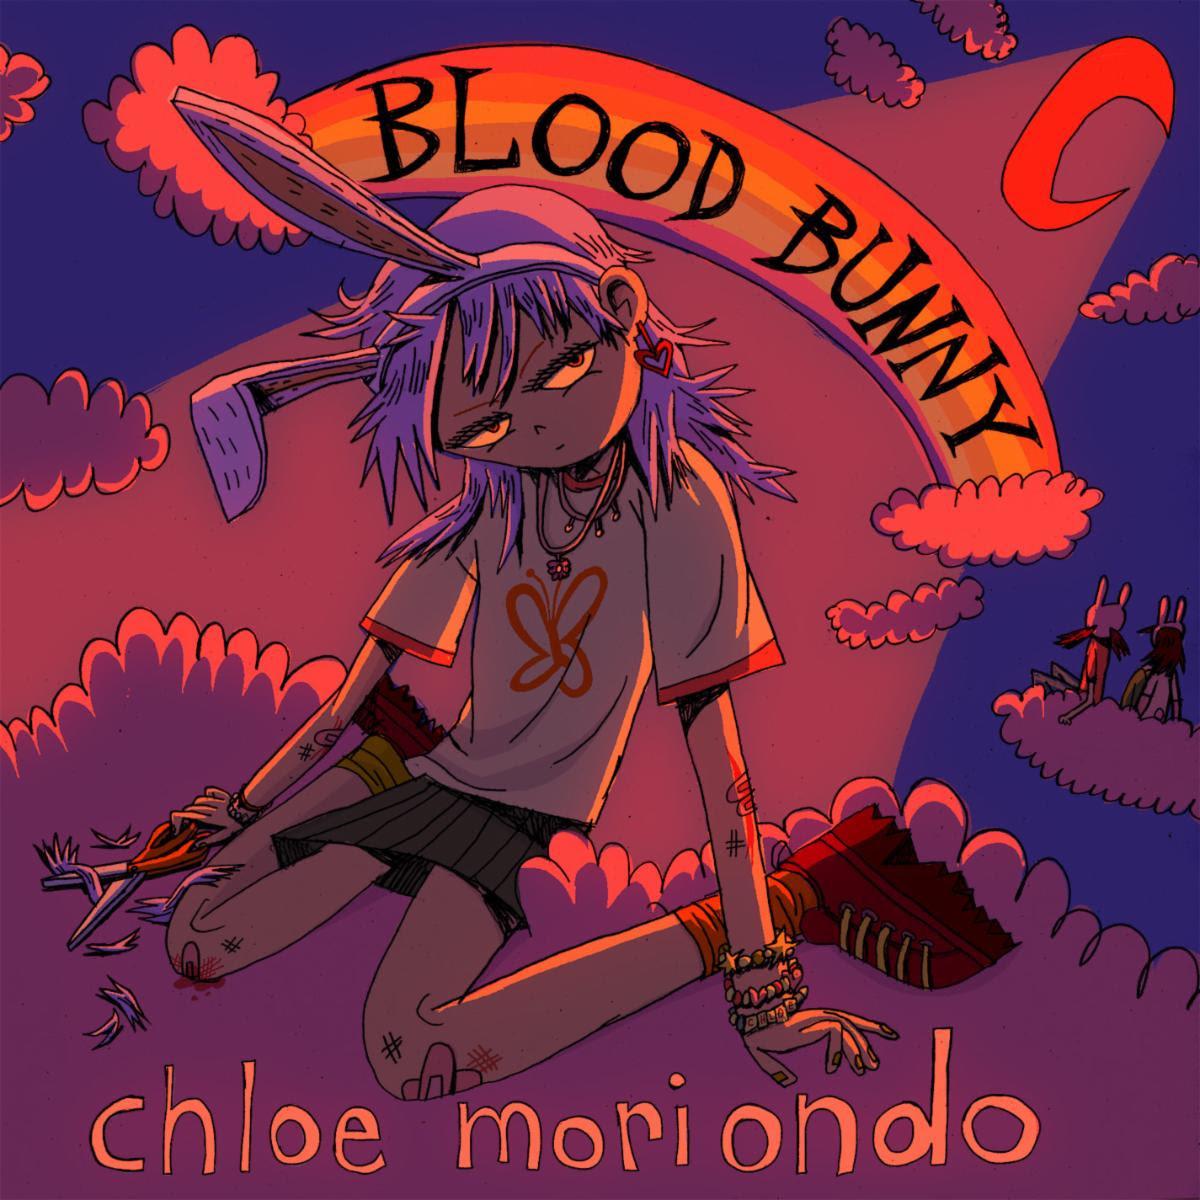 """Capa do álbum Blood Bunny. A imagem é um desenho. Centralizado no topo, vemos um arco-íris com as palavras """"Blood Bunny"""" em caixa alta. Embaixo, ao centro, uma menina de cabelos roxos, lisos e na altura do ombro, vestindo uma camiseta branca com uma estampa de borboleta laranja, uma saia cinza, meias amarelas, tênis vermelhos, colares, pulseiras nos pulsos e uma tiara de orelhas de coelho, está sentada em um chão de nuvens roxas. Ela segura uma tesoura e tem arranhões e curativos nos braços e pernas. Ao redor, a paisagem é de uma lua, céu e nuvens em tons de roxo."""